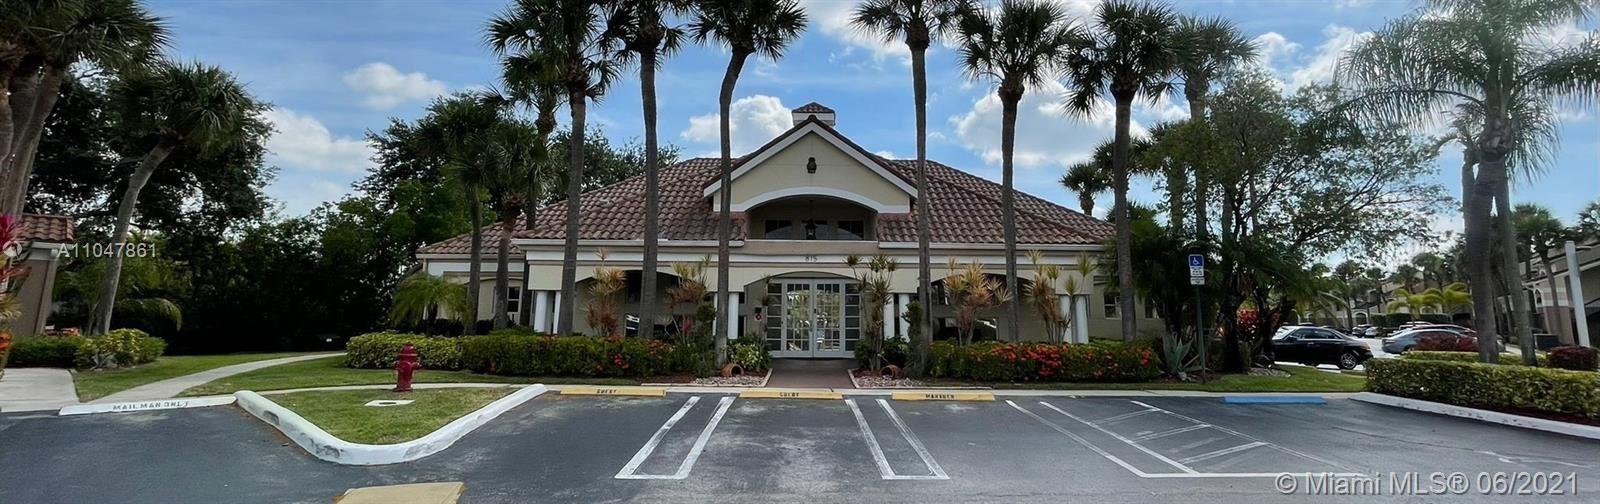 815 W Boynton Beach Blvd #6-101, Boynton Beach, FL 33426 - #: A11047861